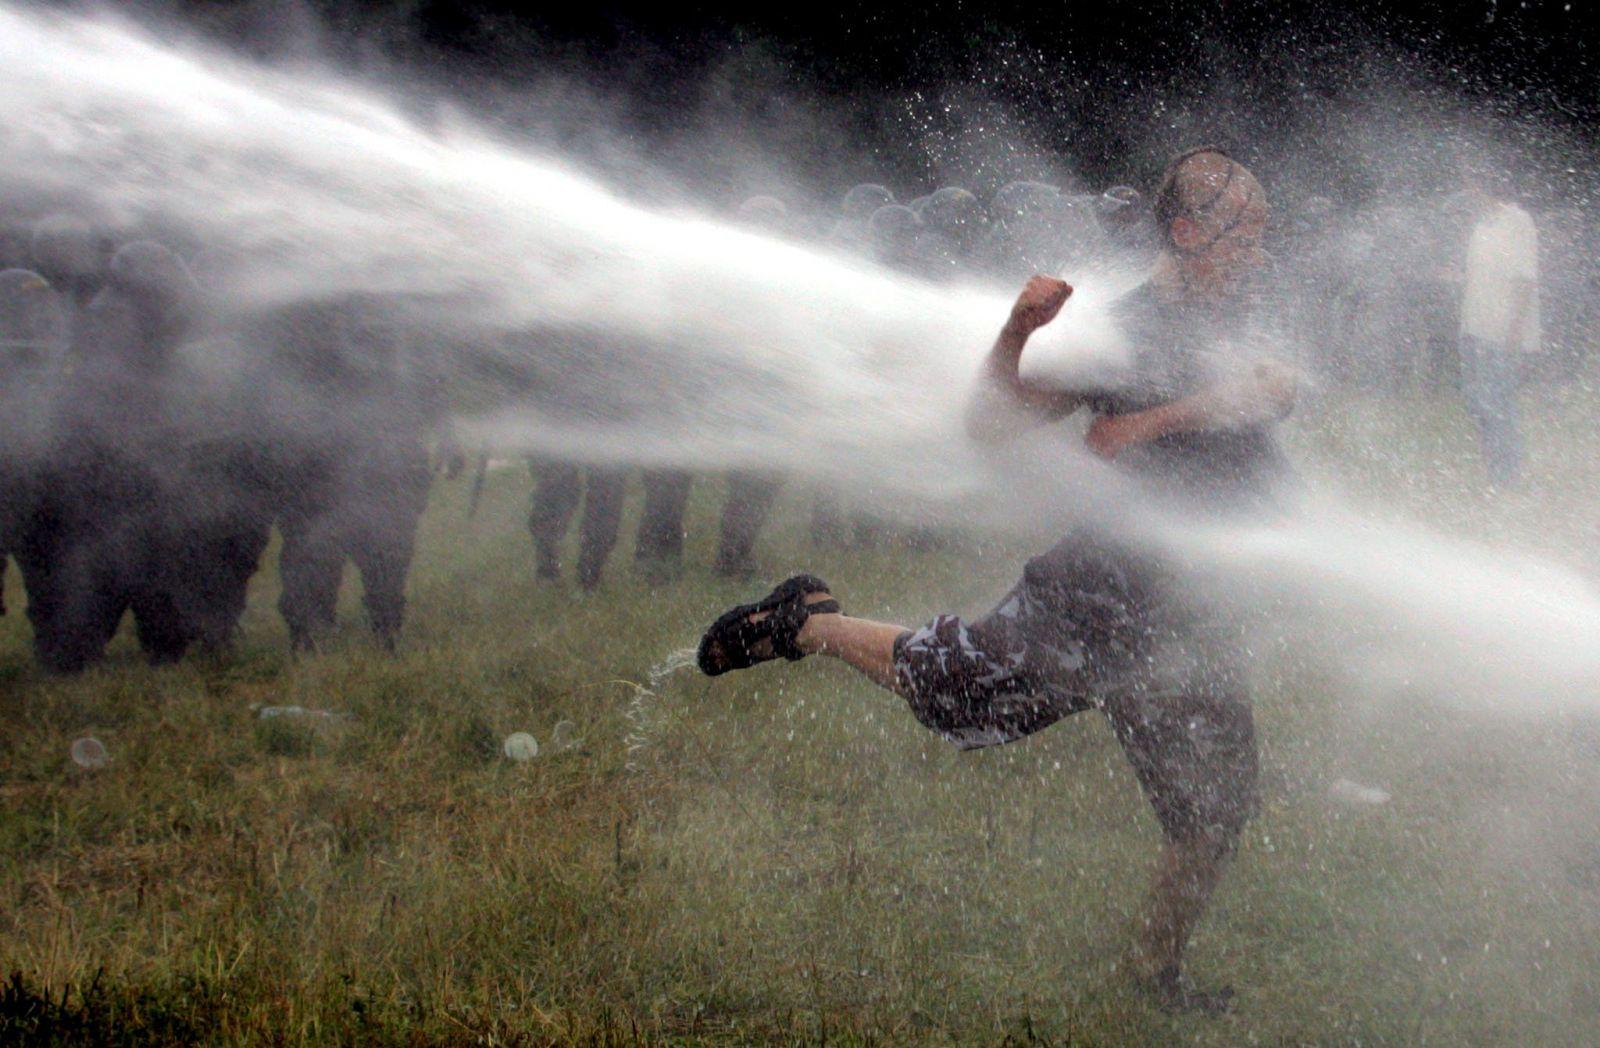 Czechtek 2005: Subkulturní událost roku rozehnalo stovky těžkooděnců slzným plynem a vodními děly